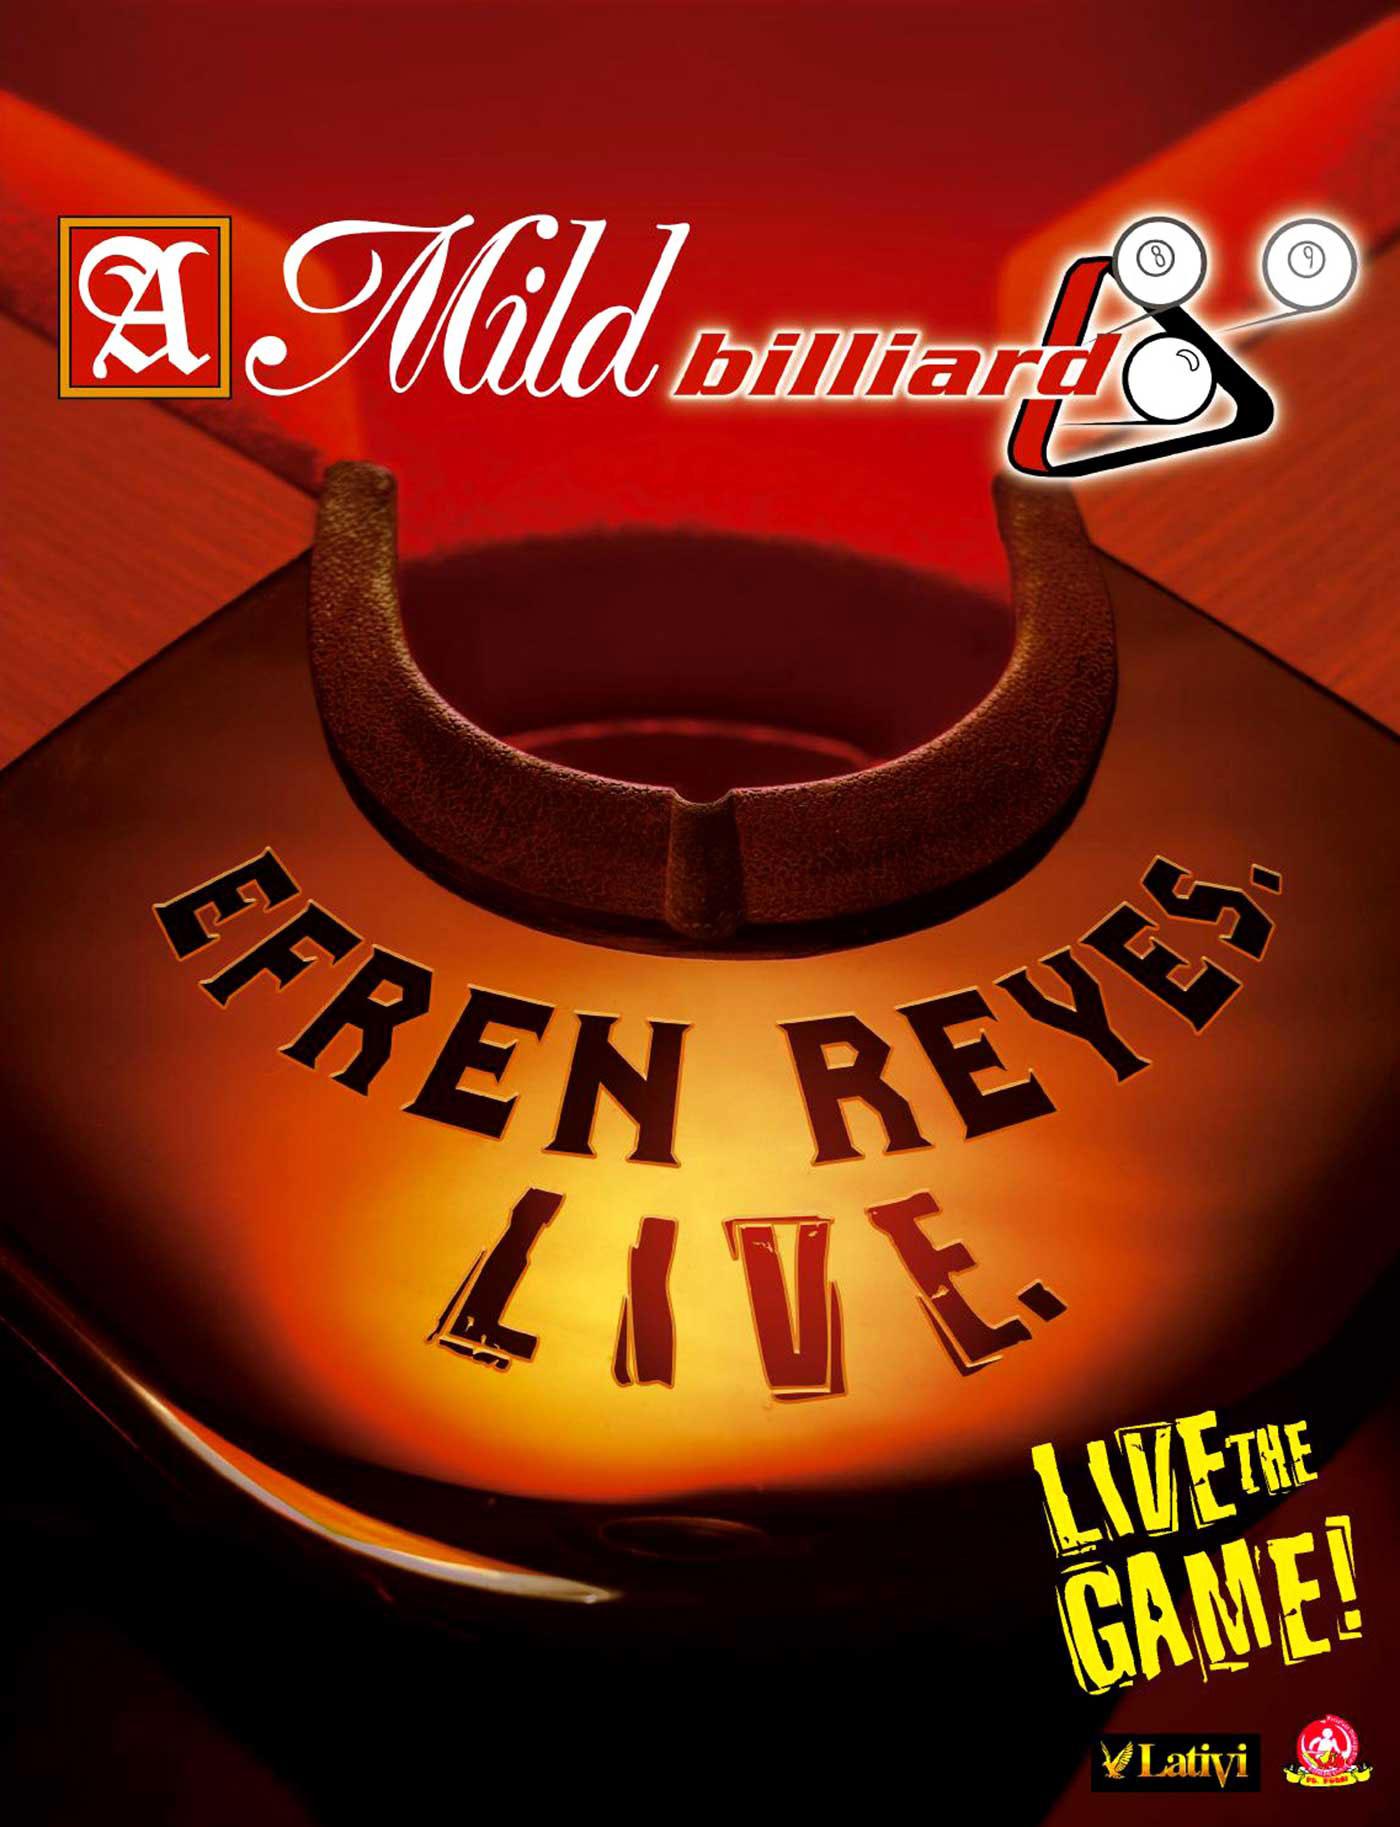 A-MILD-billiard